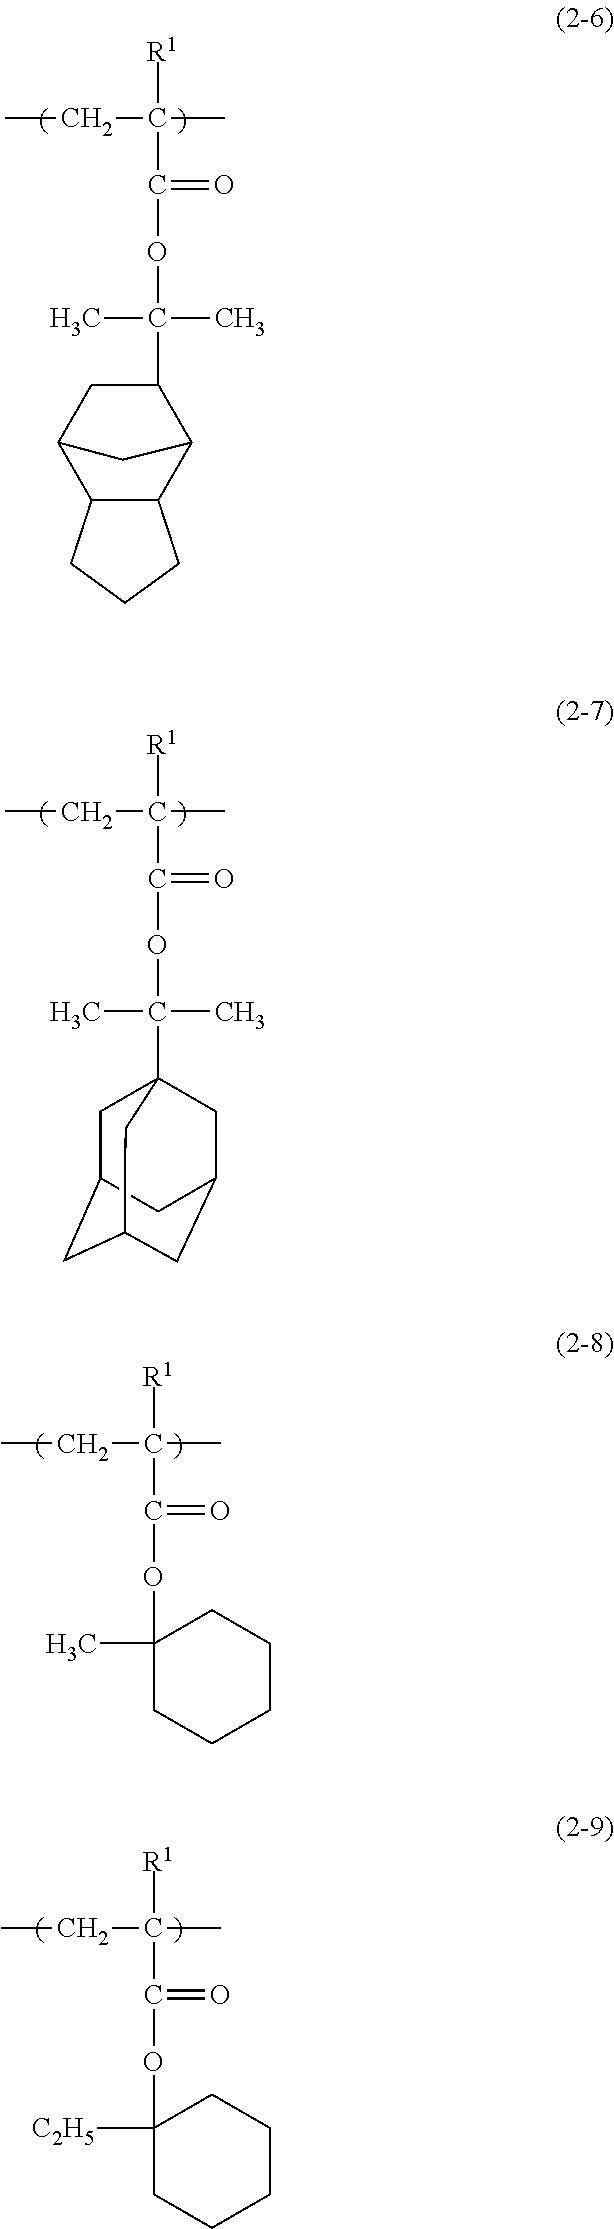 Figure US08507575-20130813-C00037